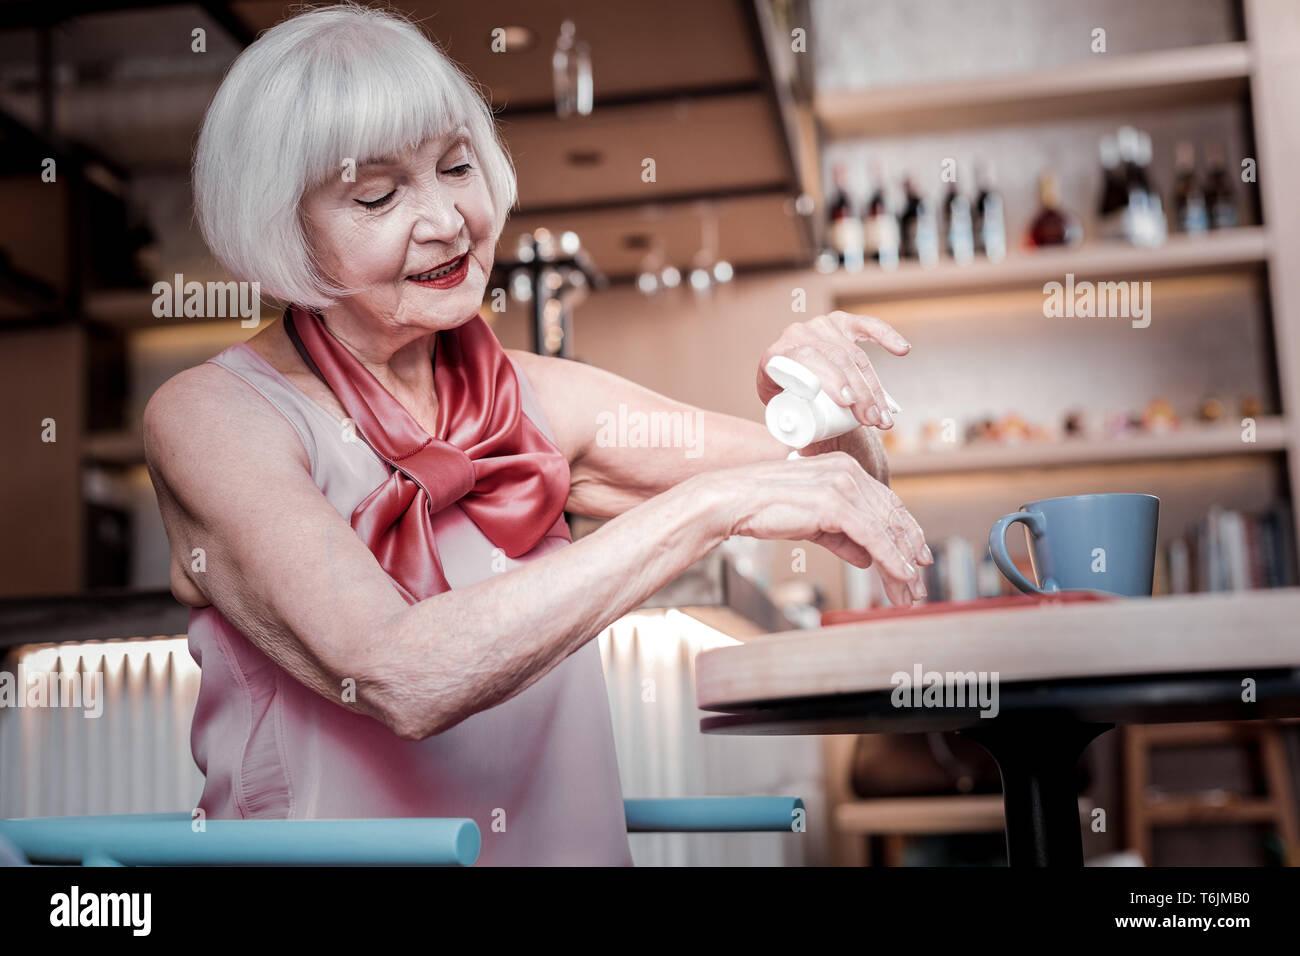 Die Übertragung gut aussehender älterer Frau ruht in einem Cafe und Behandlung Stockbild